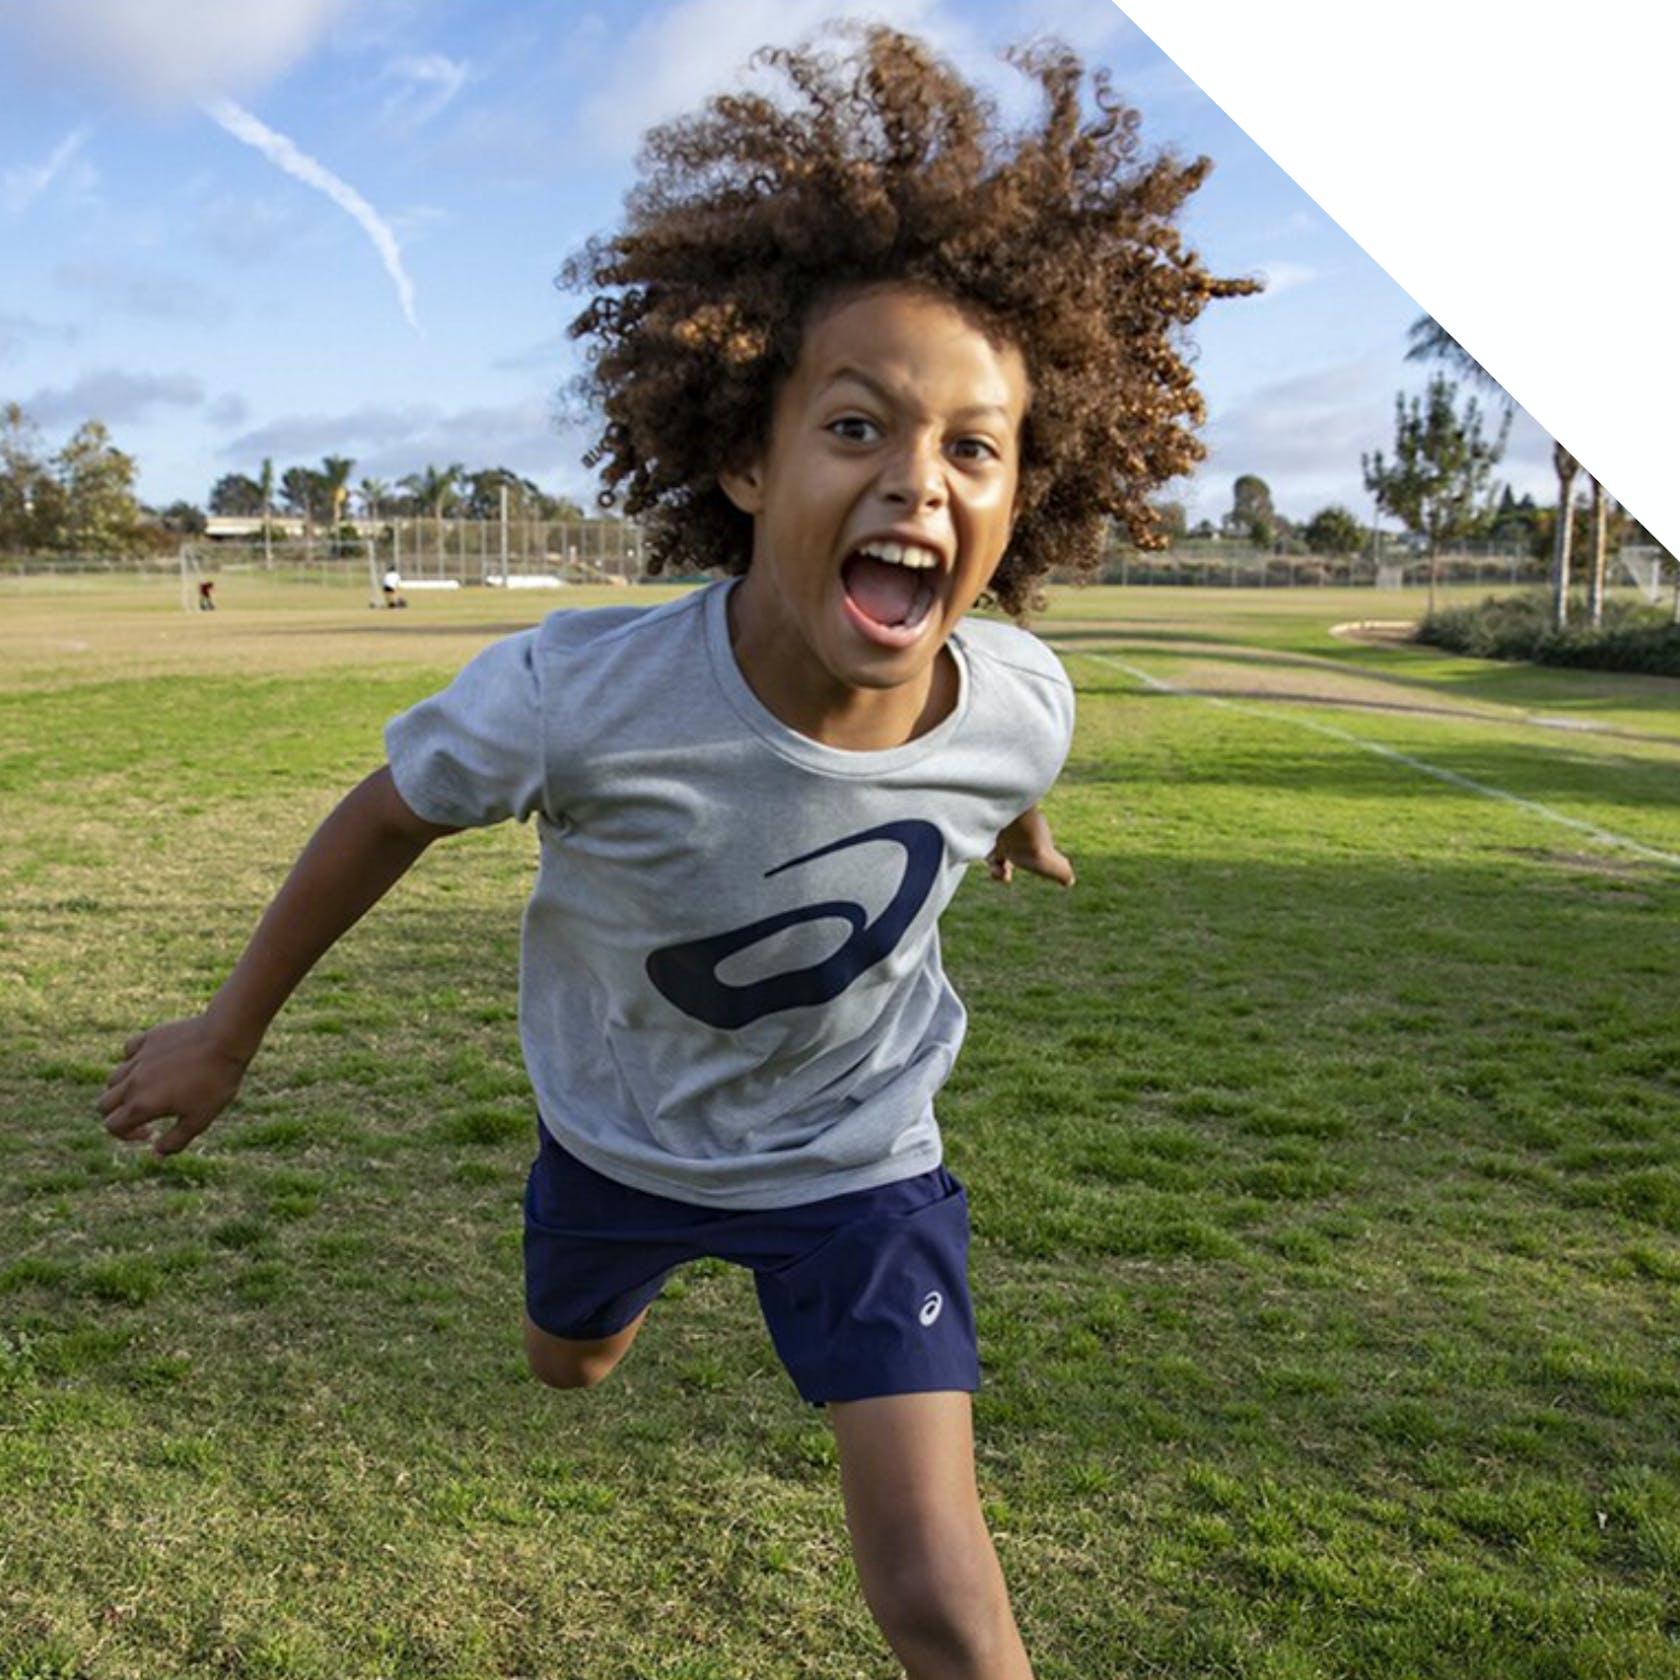 Asics Onlineshop Laufschuhe Turnschuhe Kinder